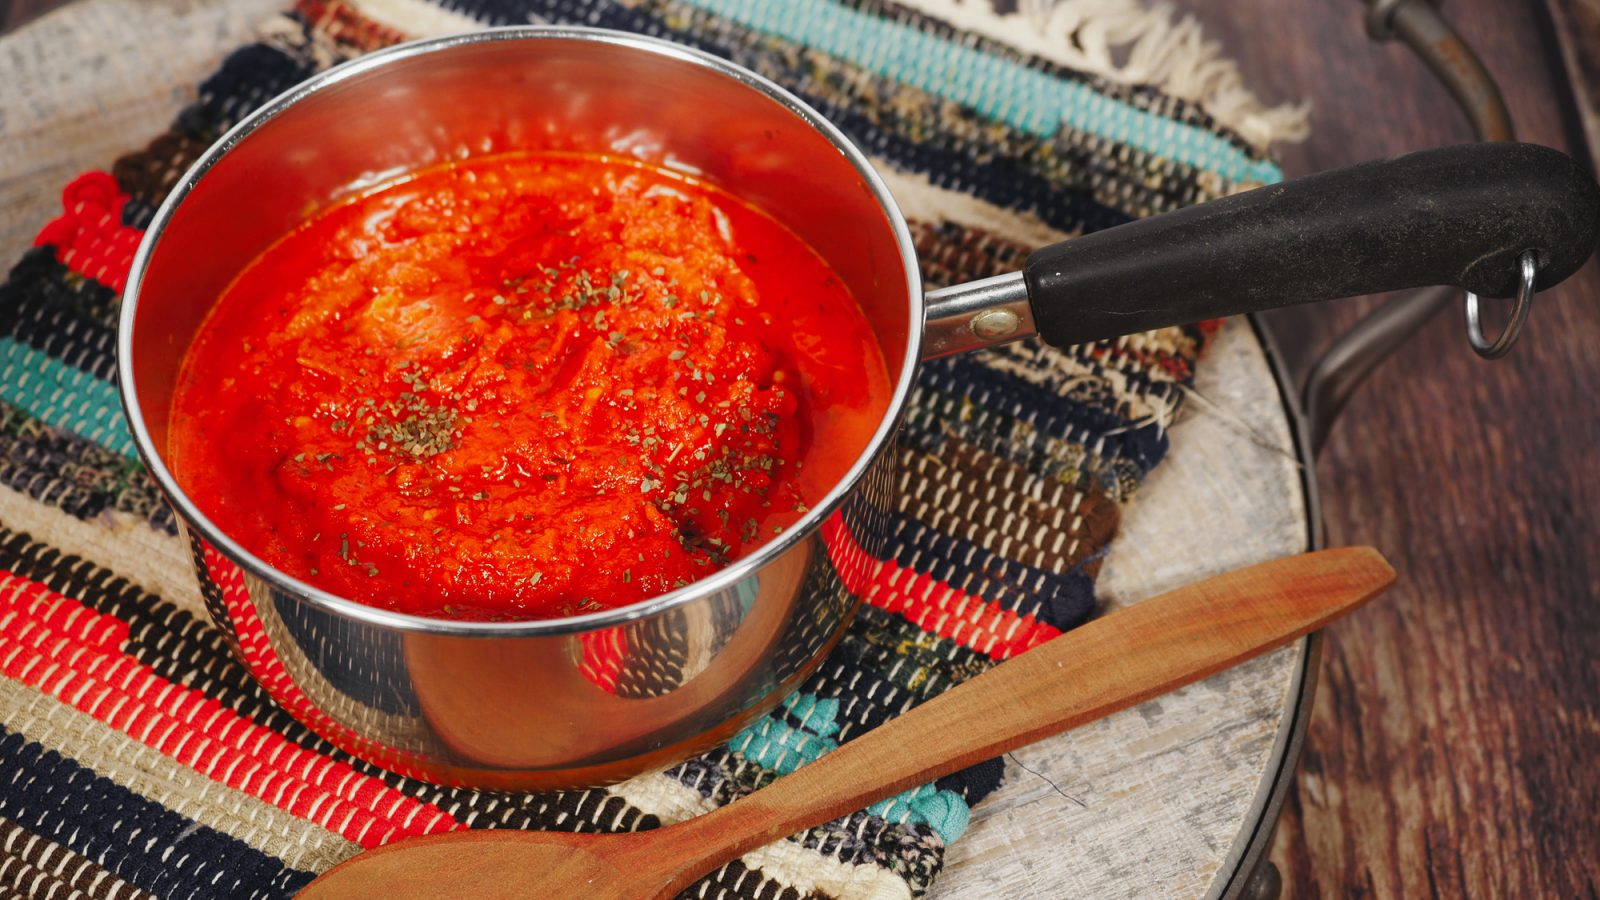 vegan tomato sauce in sauce pan